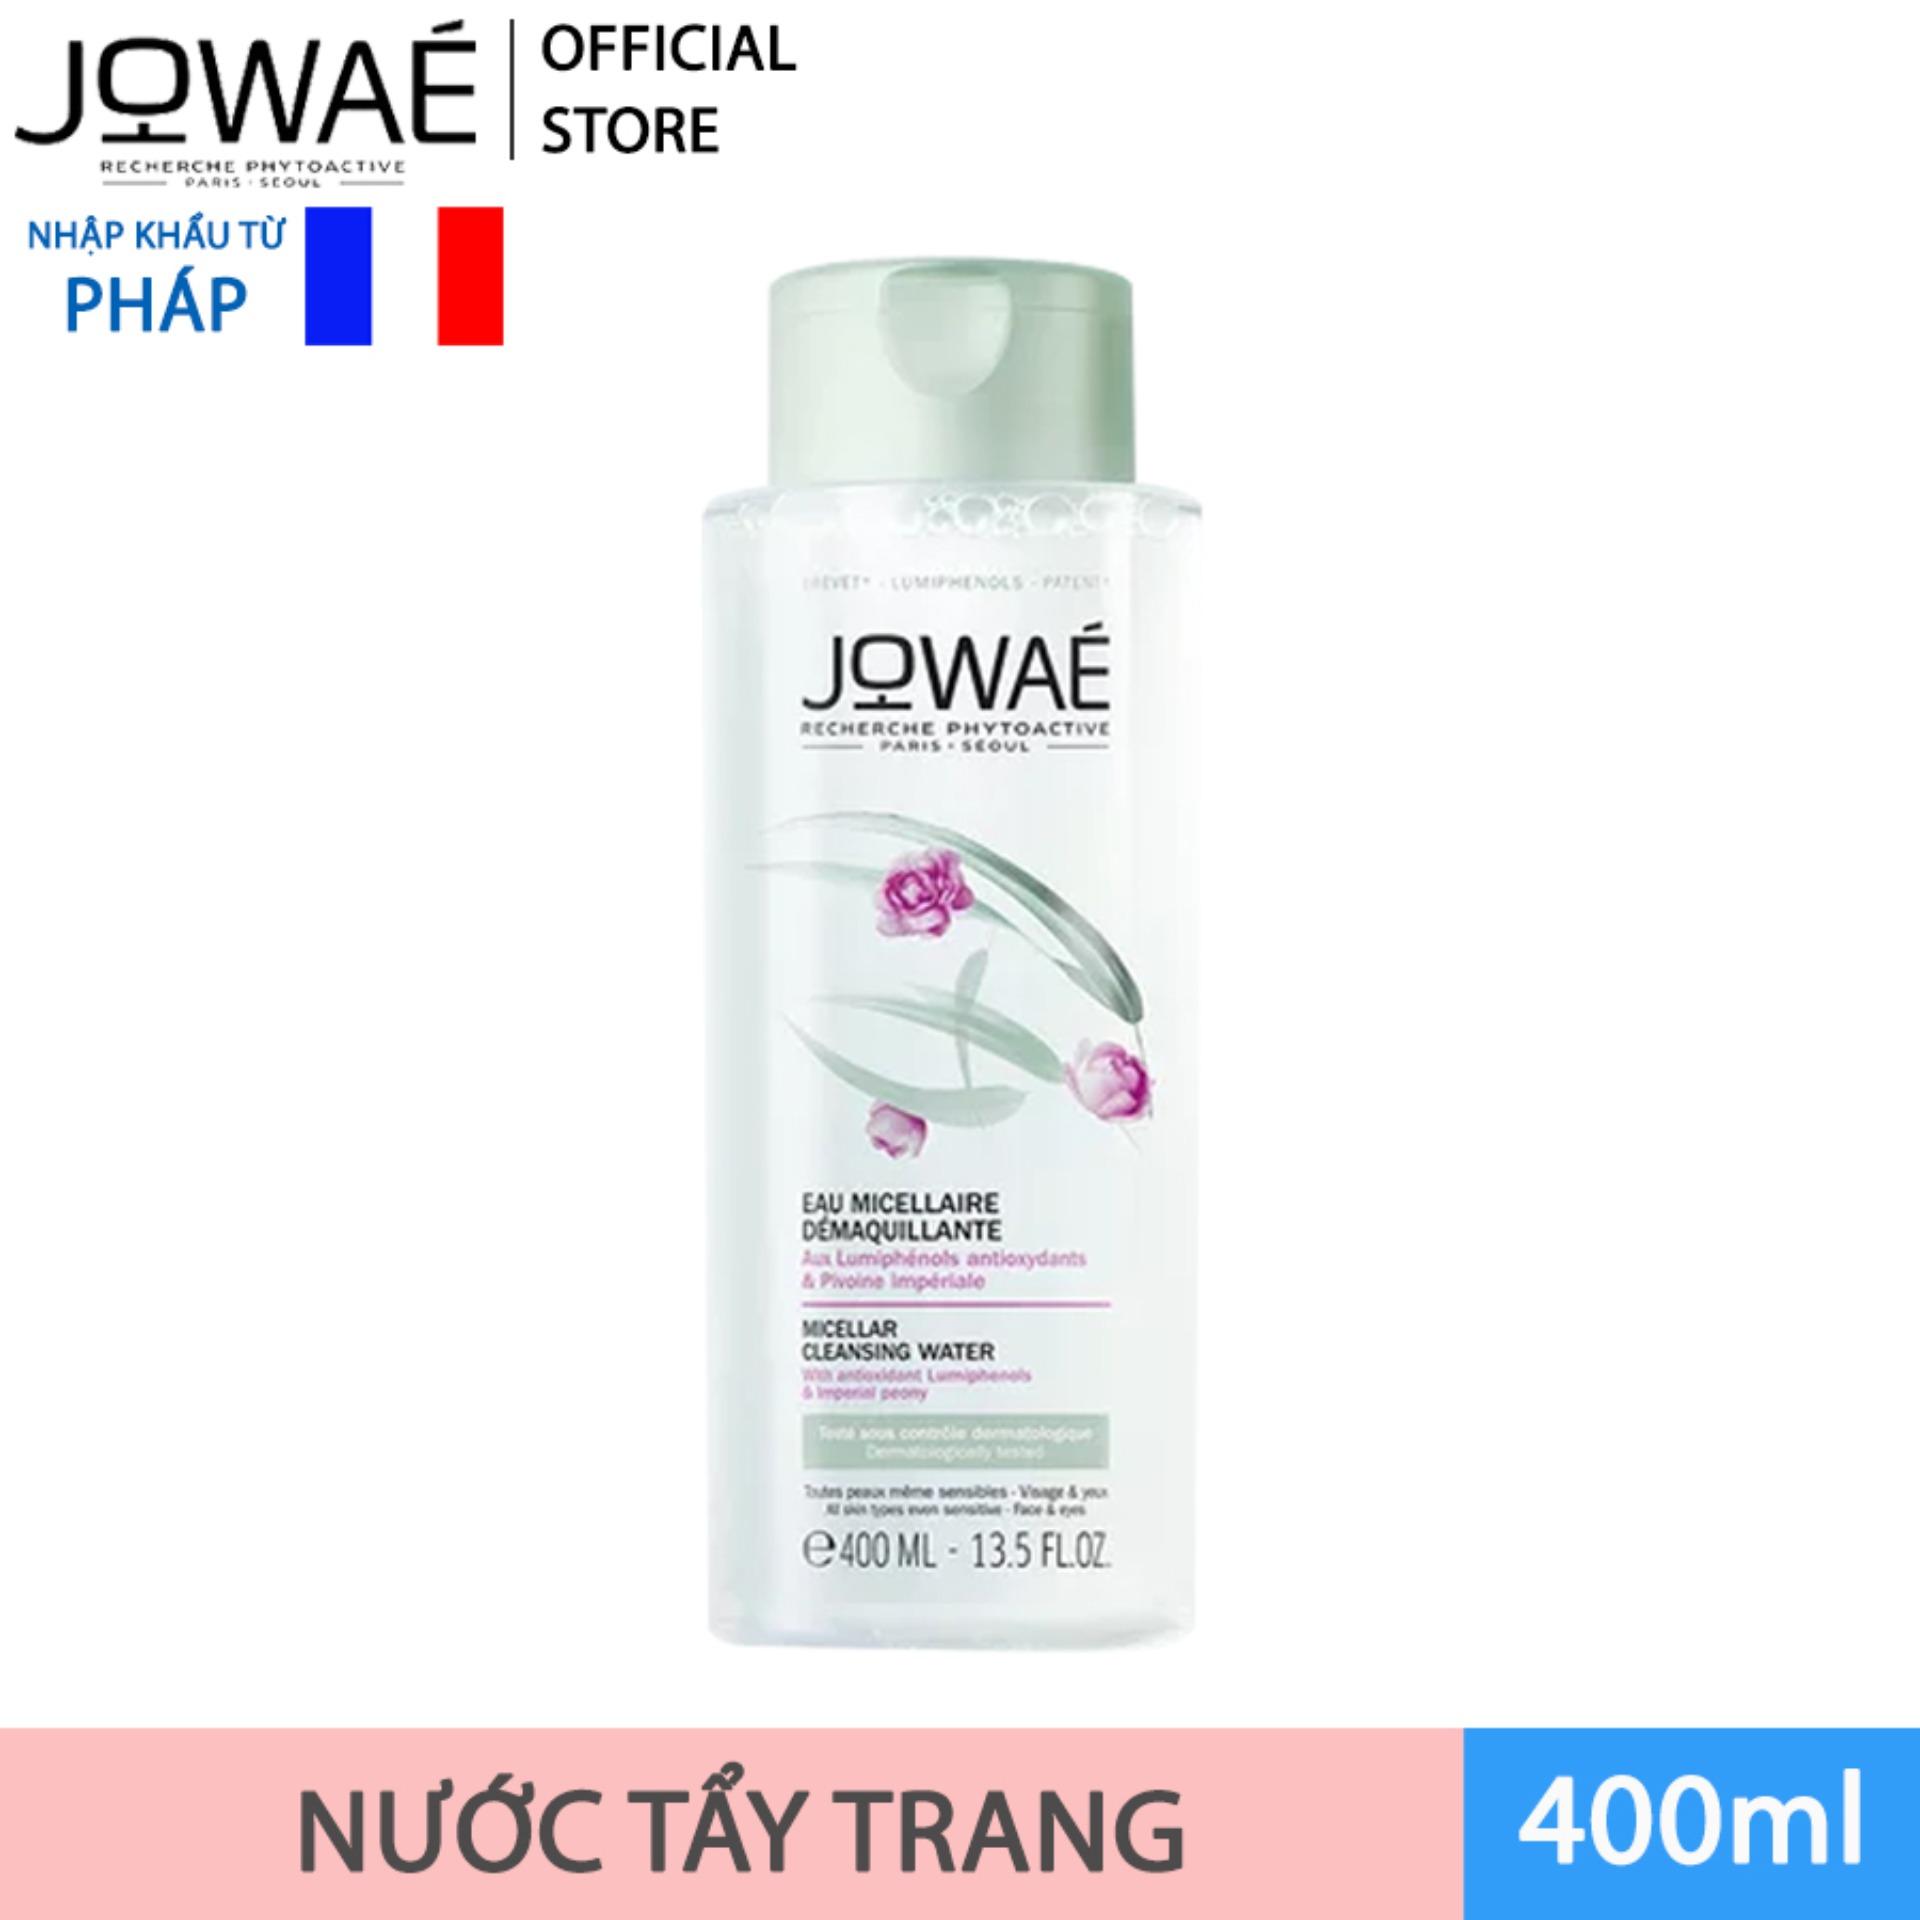 Nước tẩy trang loại bỏ Make up JOWAE 100% làm sạch da không nhờn dính và khô căng Mỹ phẩm thiên nhiên nhập khẩu Pháp MICELLAR CLEANSING WATER 400ml cao cấp